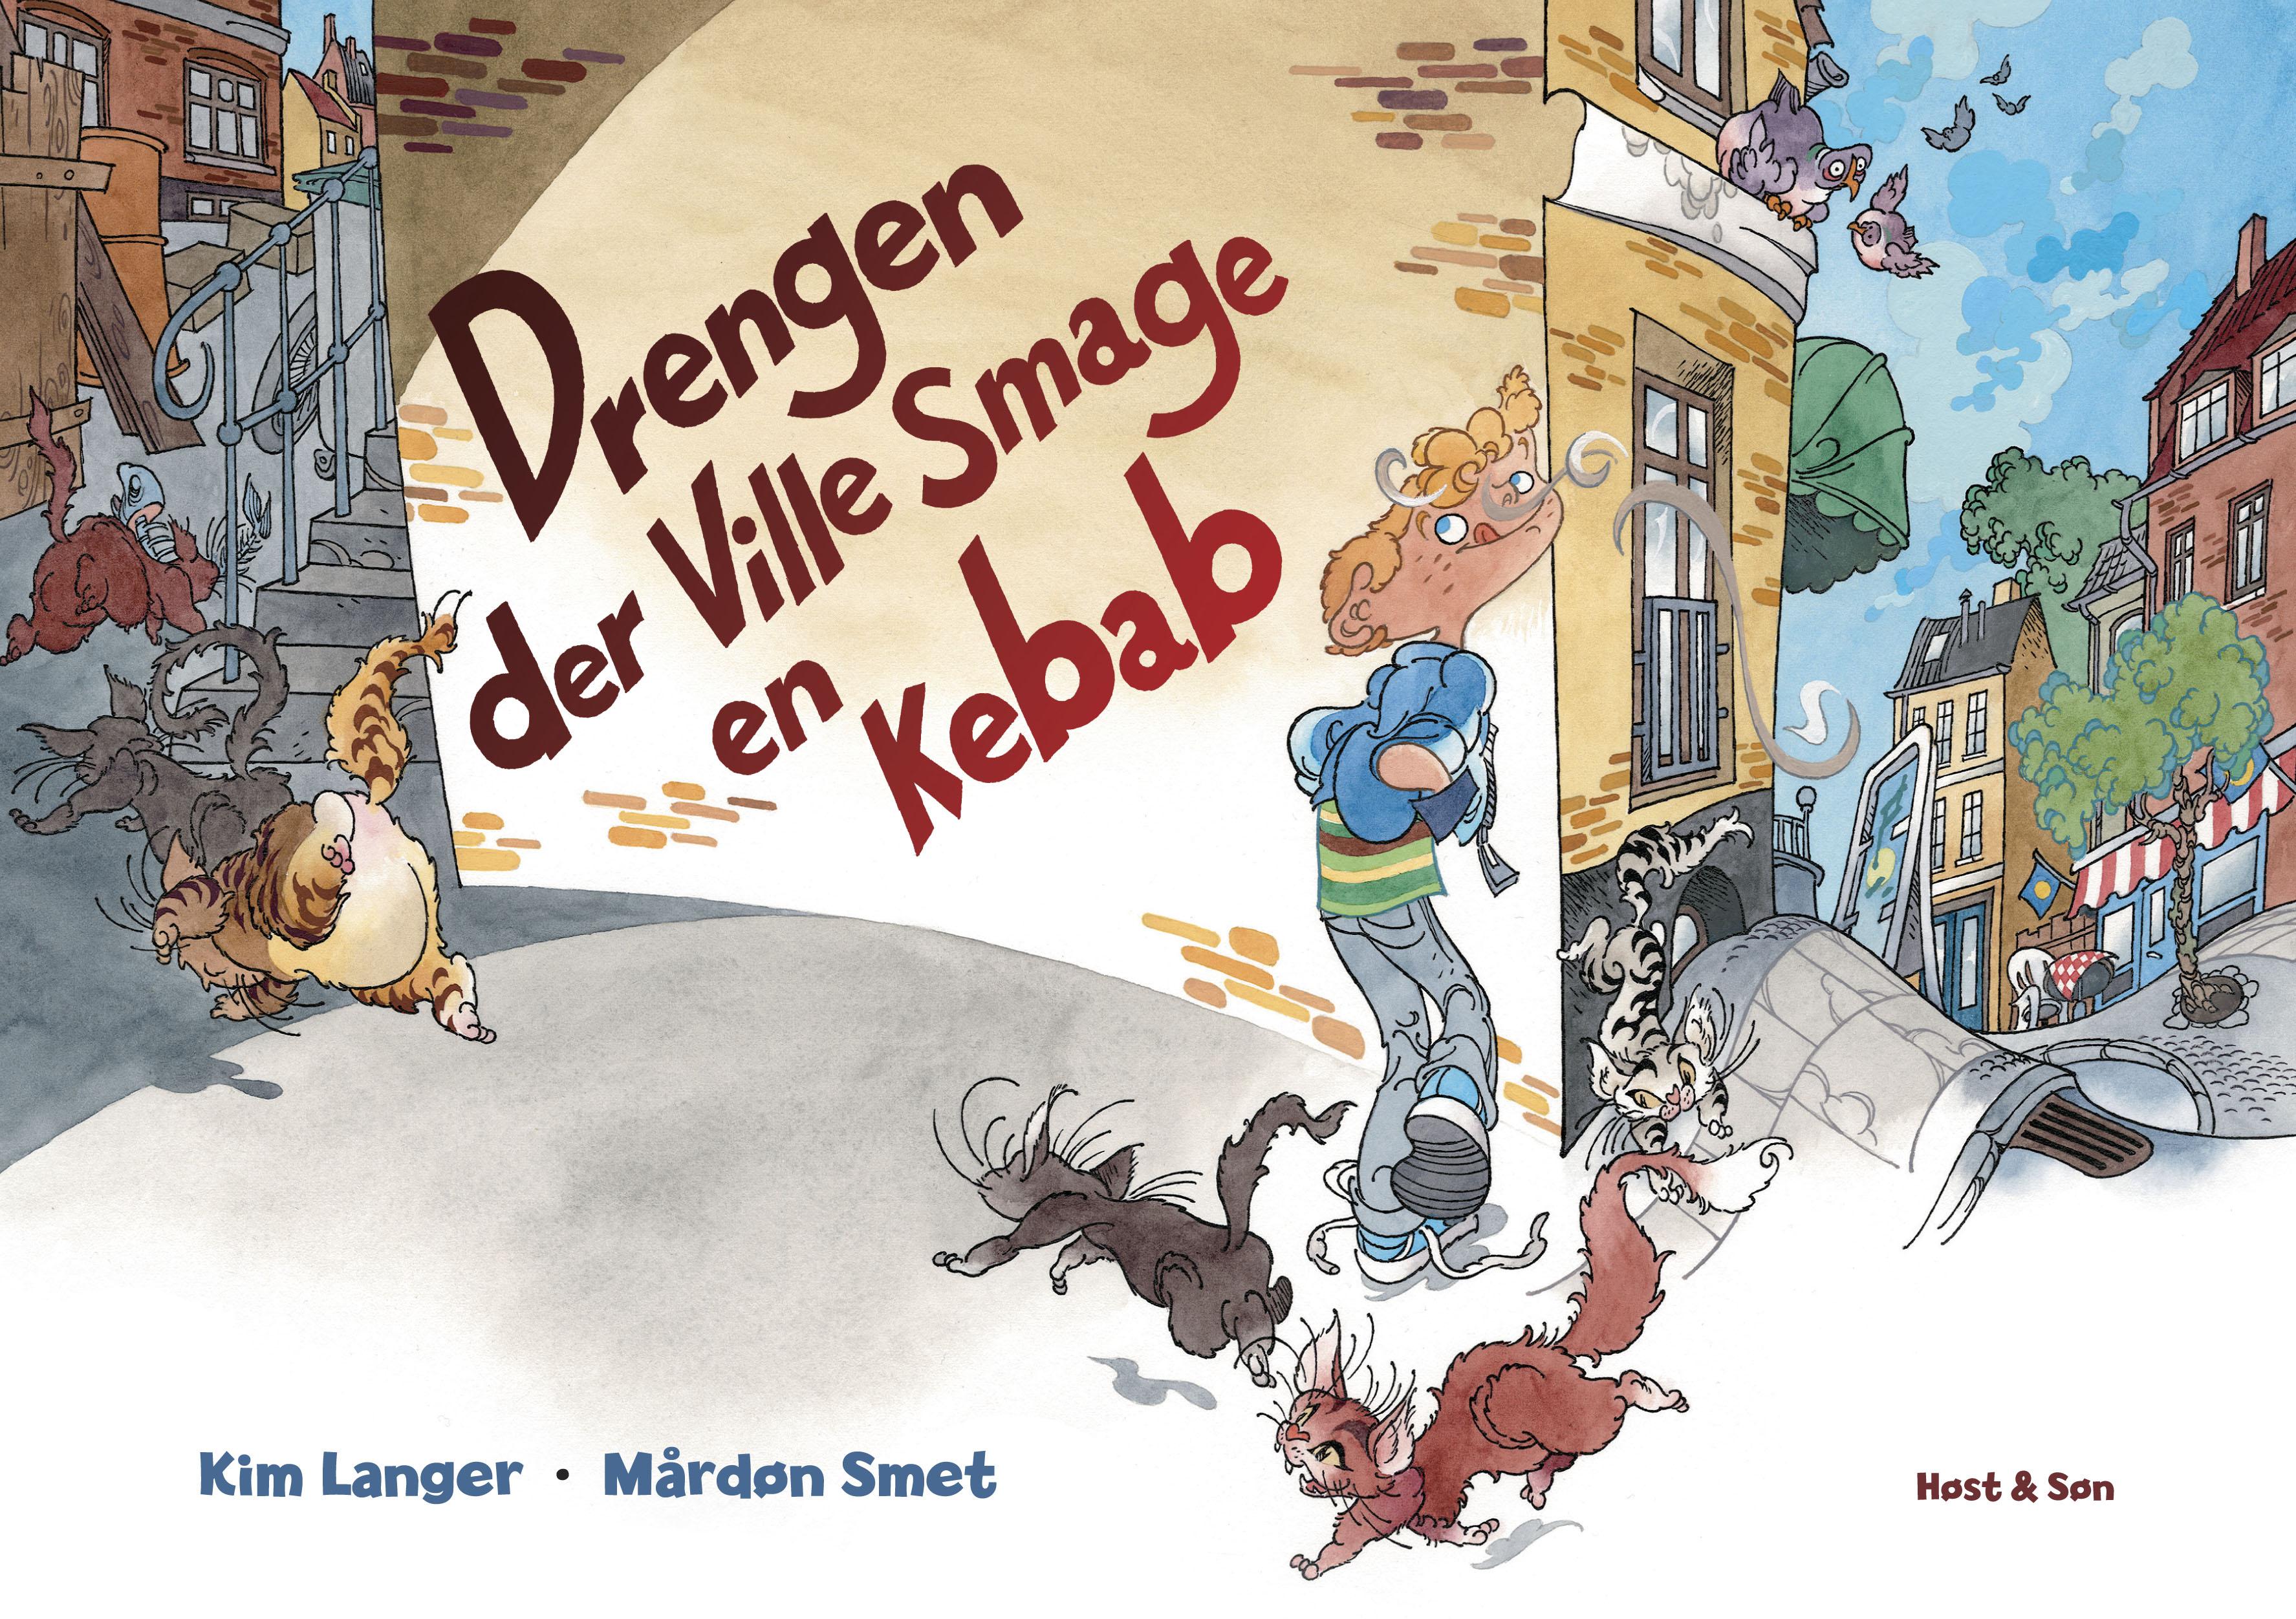 langer_drengen-der-ville-smage-en-kebab_final